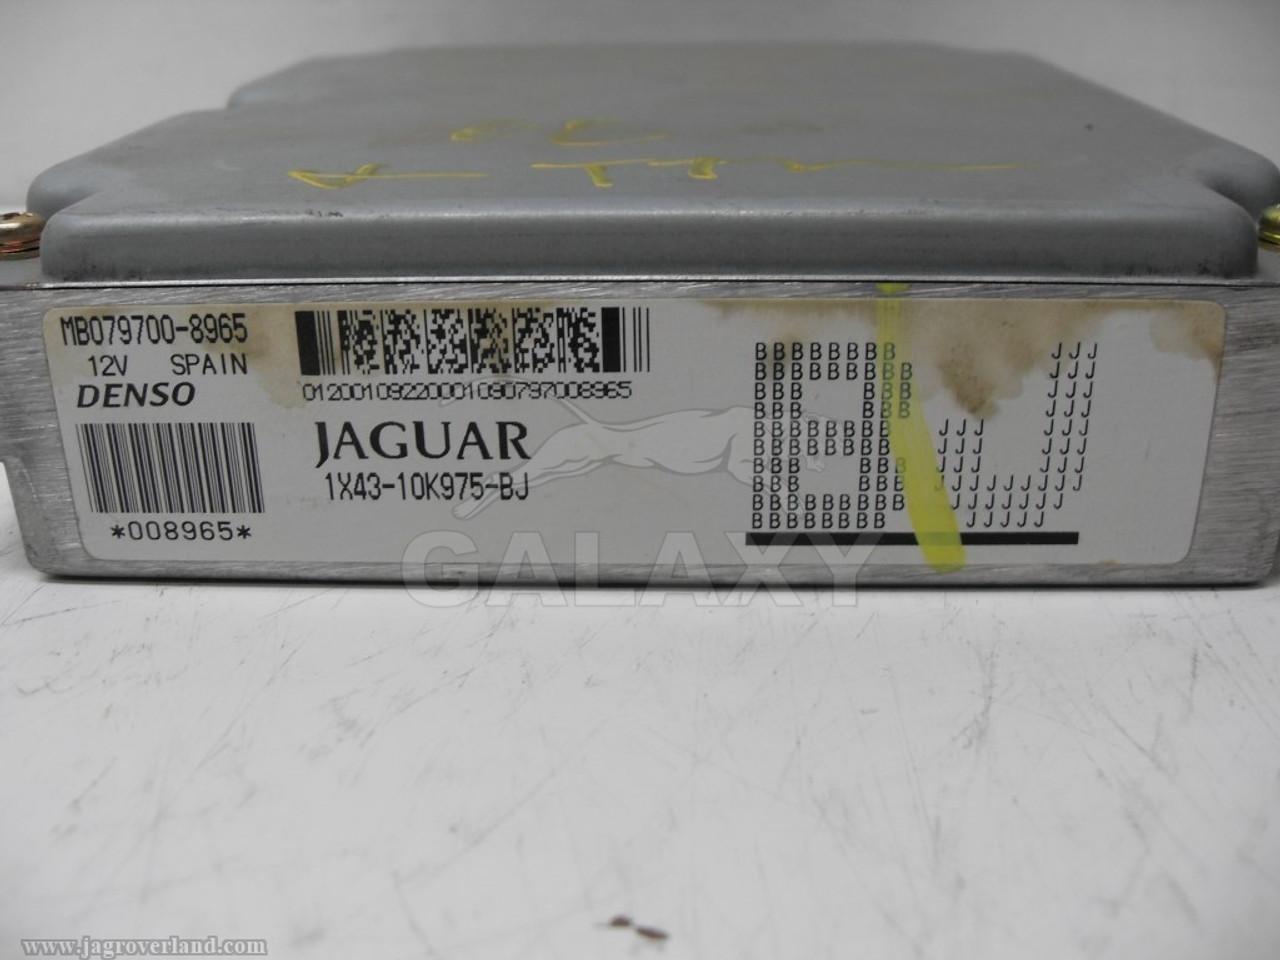 JAGUAR X TYPE 2001 2002 03 04 05 2006 ENGINE COMPUTER MODULE ECM 1X43-10K975-BM